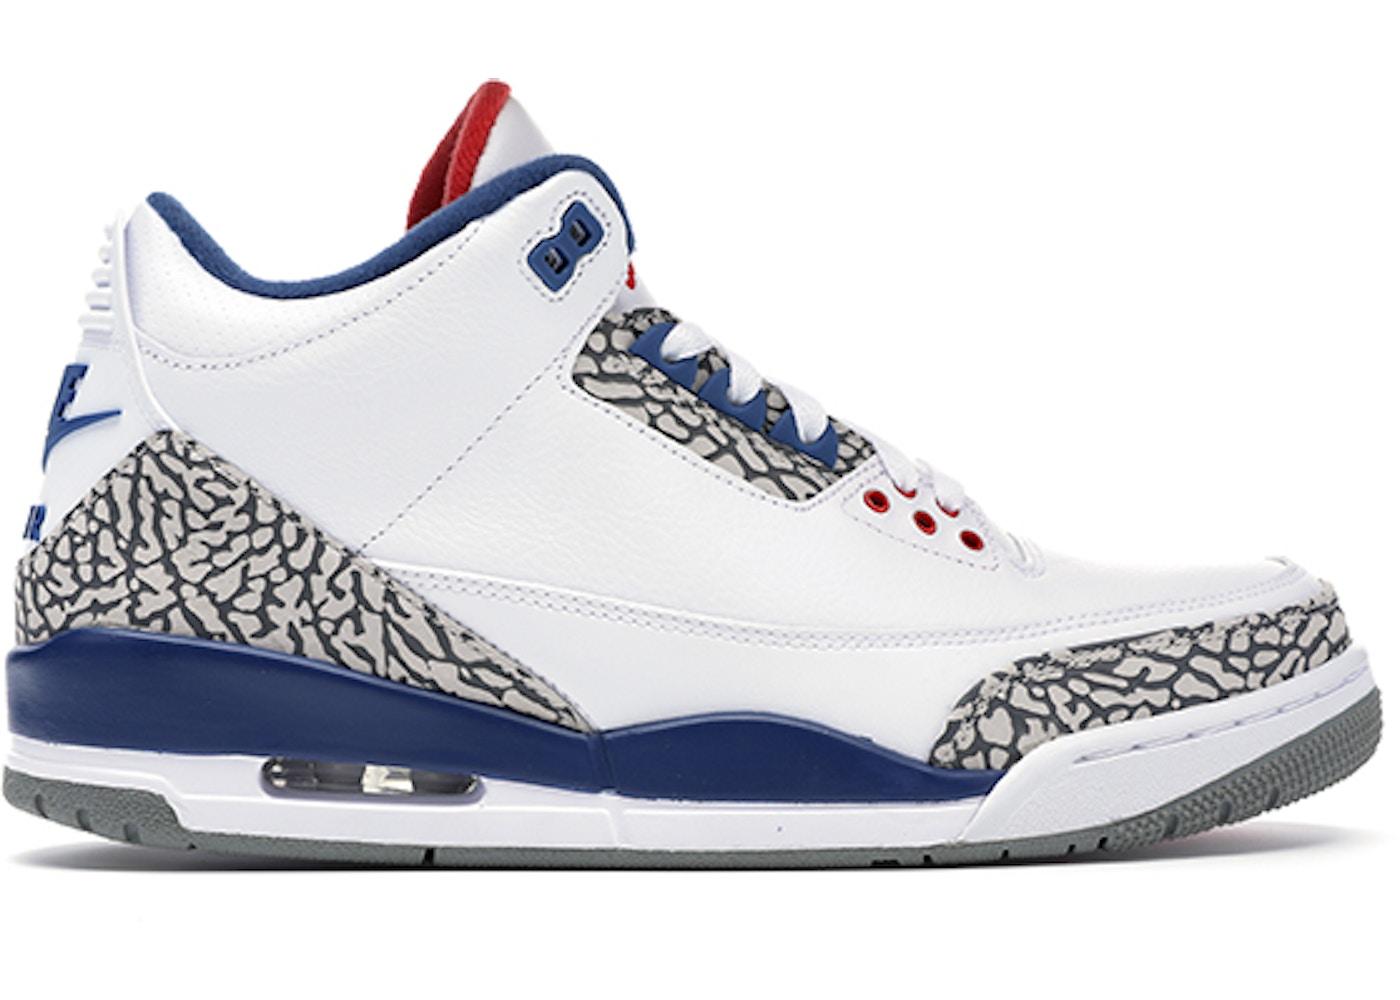 reputable site eea0f fd203 Buy Air Jordan 3 Shoes   Deadstock Sneakers